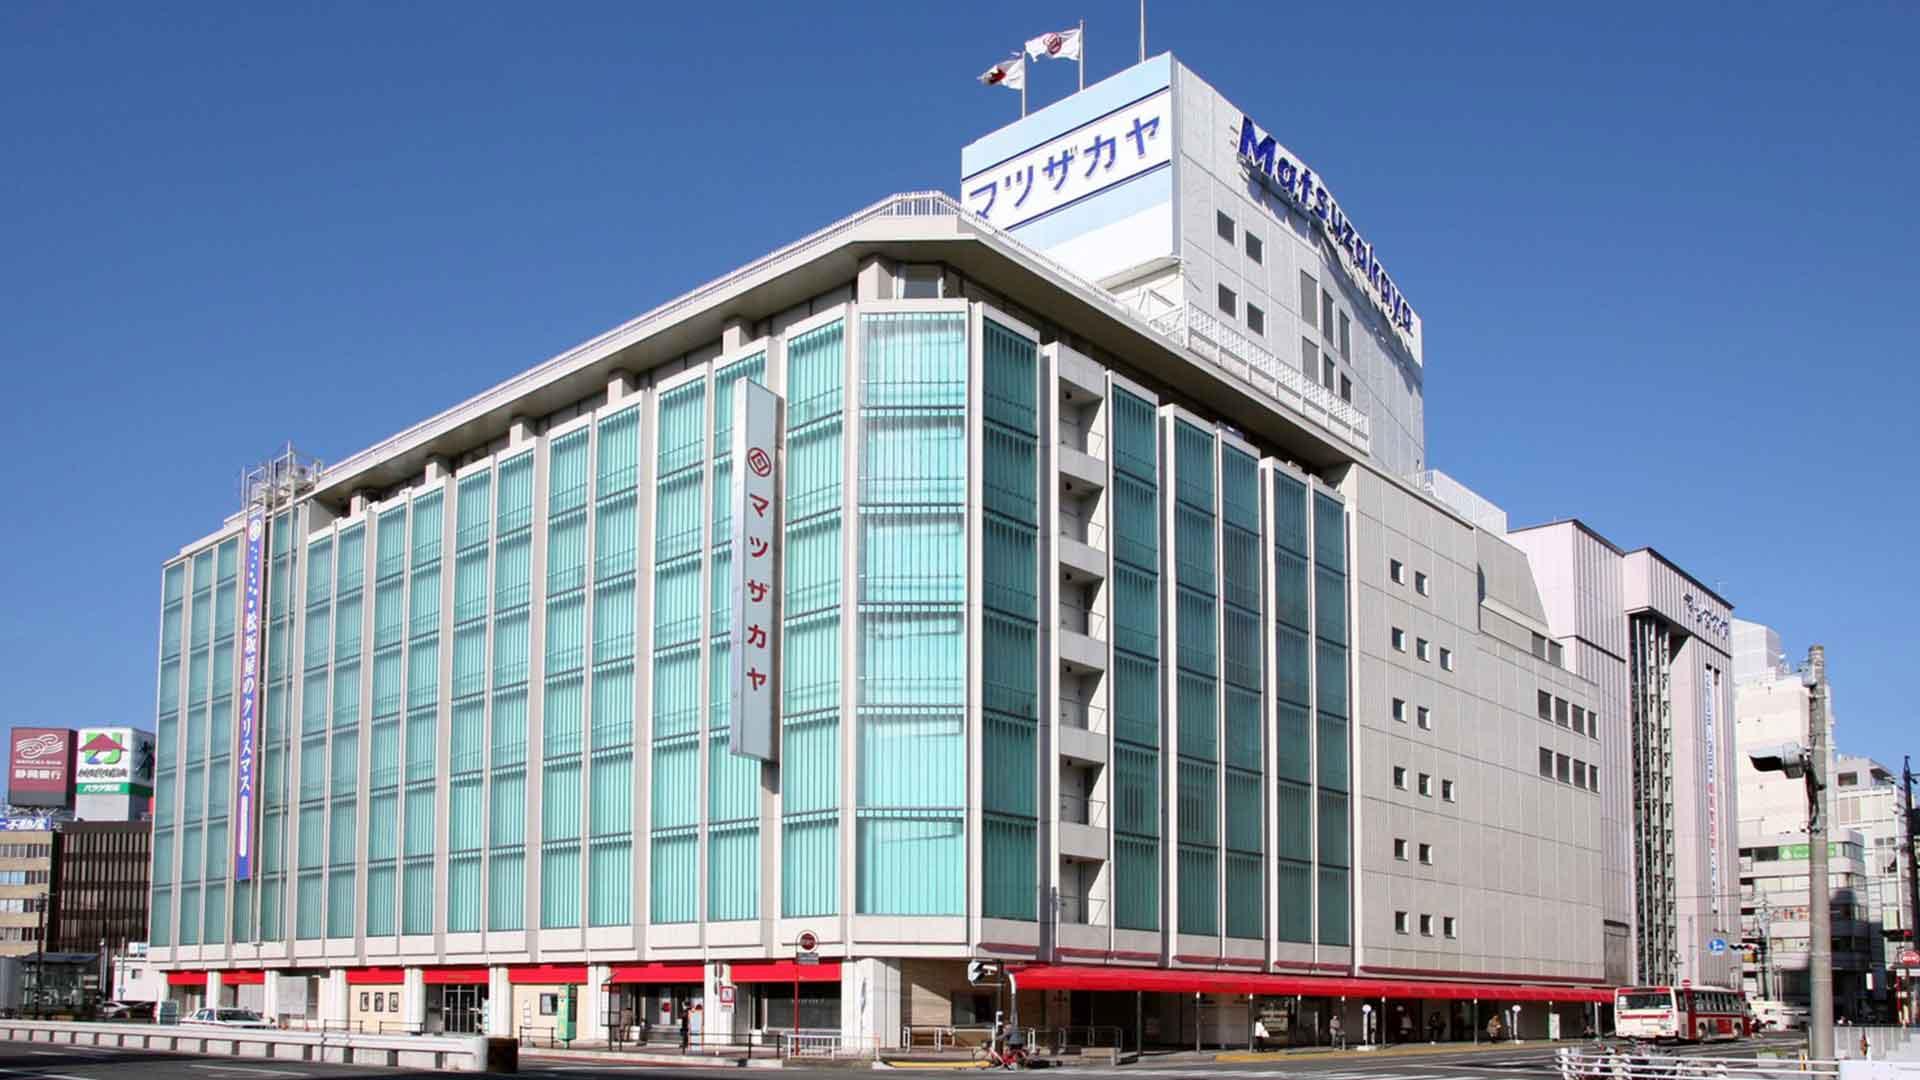 松坂屋静岡店の外観の写真